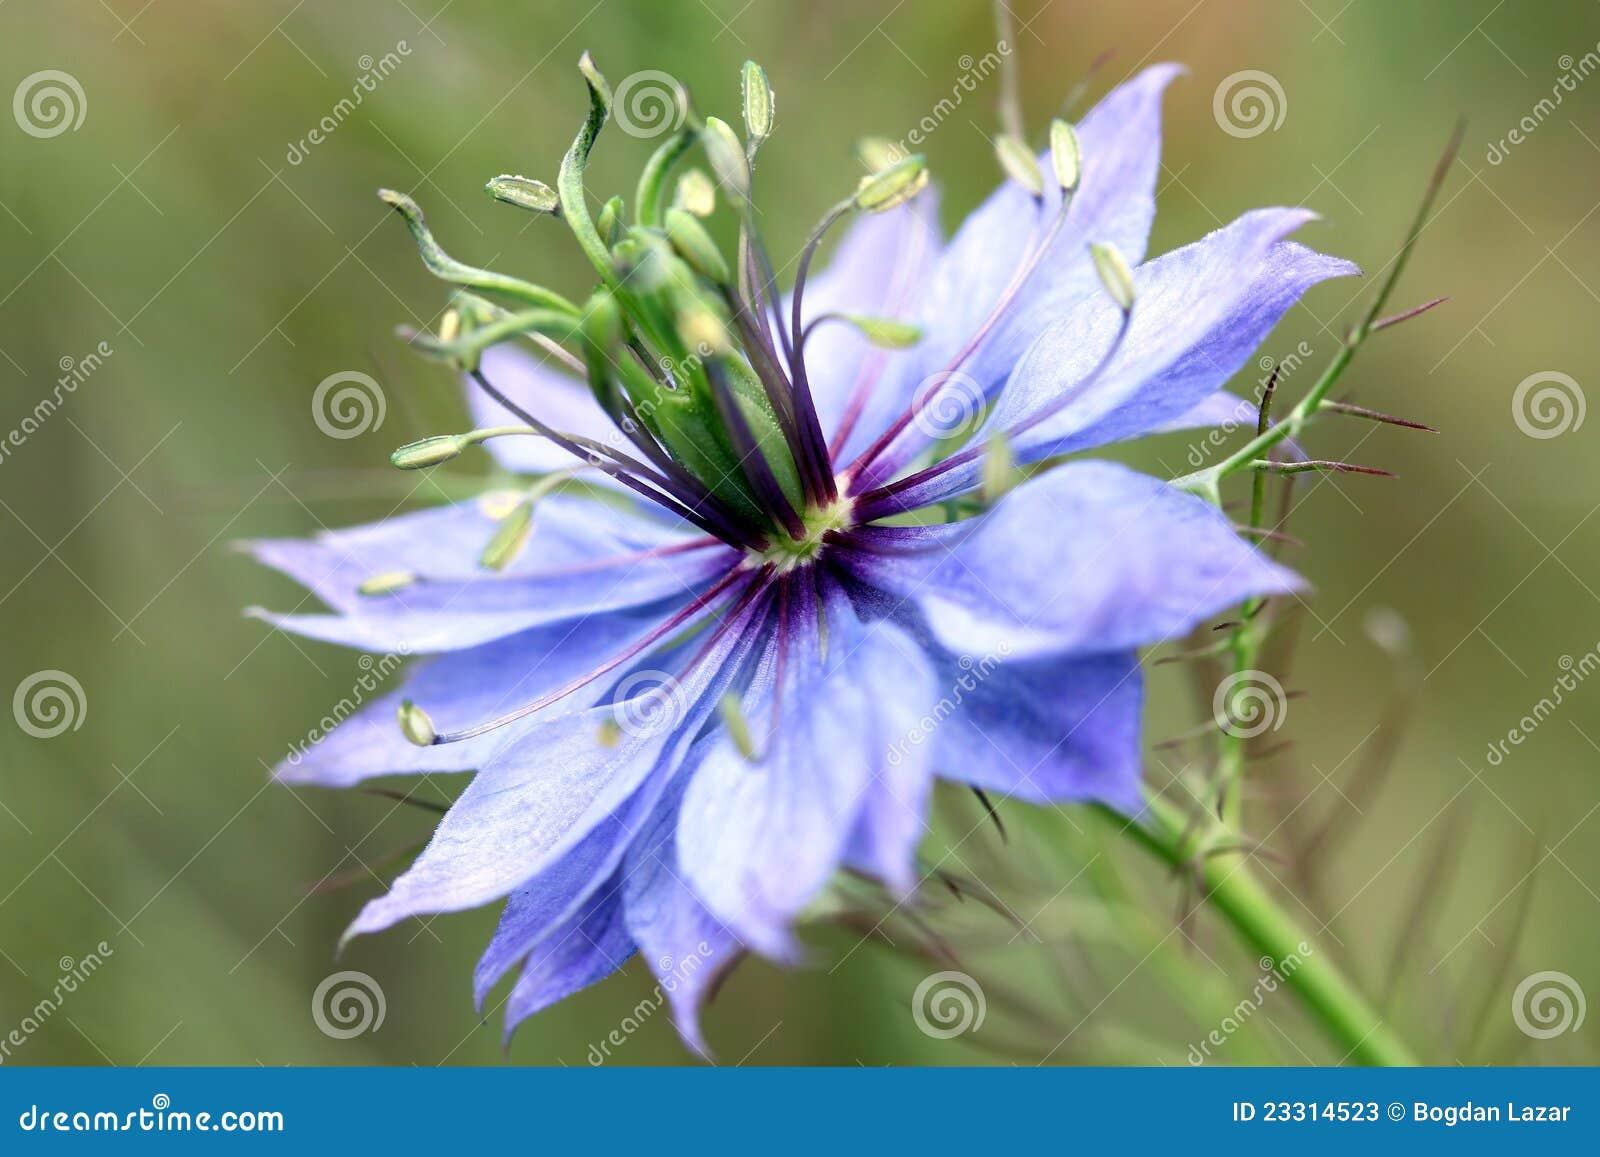 Love In A Mist Flower Nigella Damascena Stock Photos